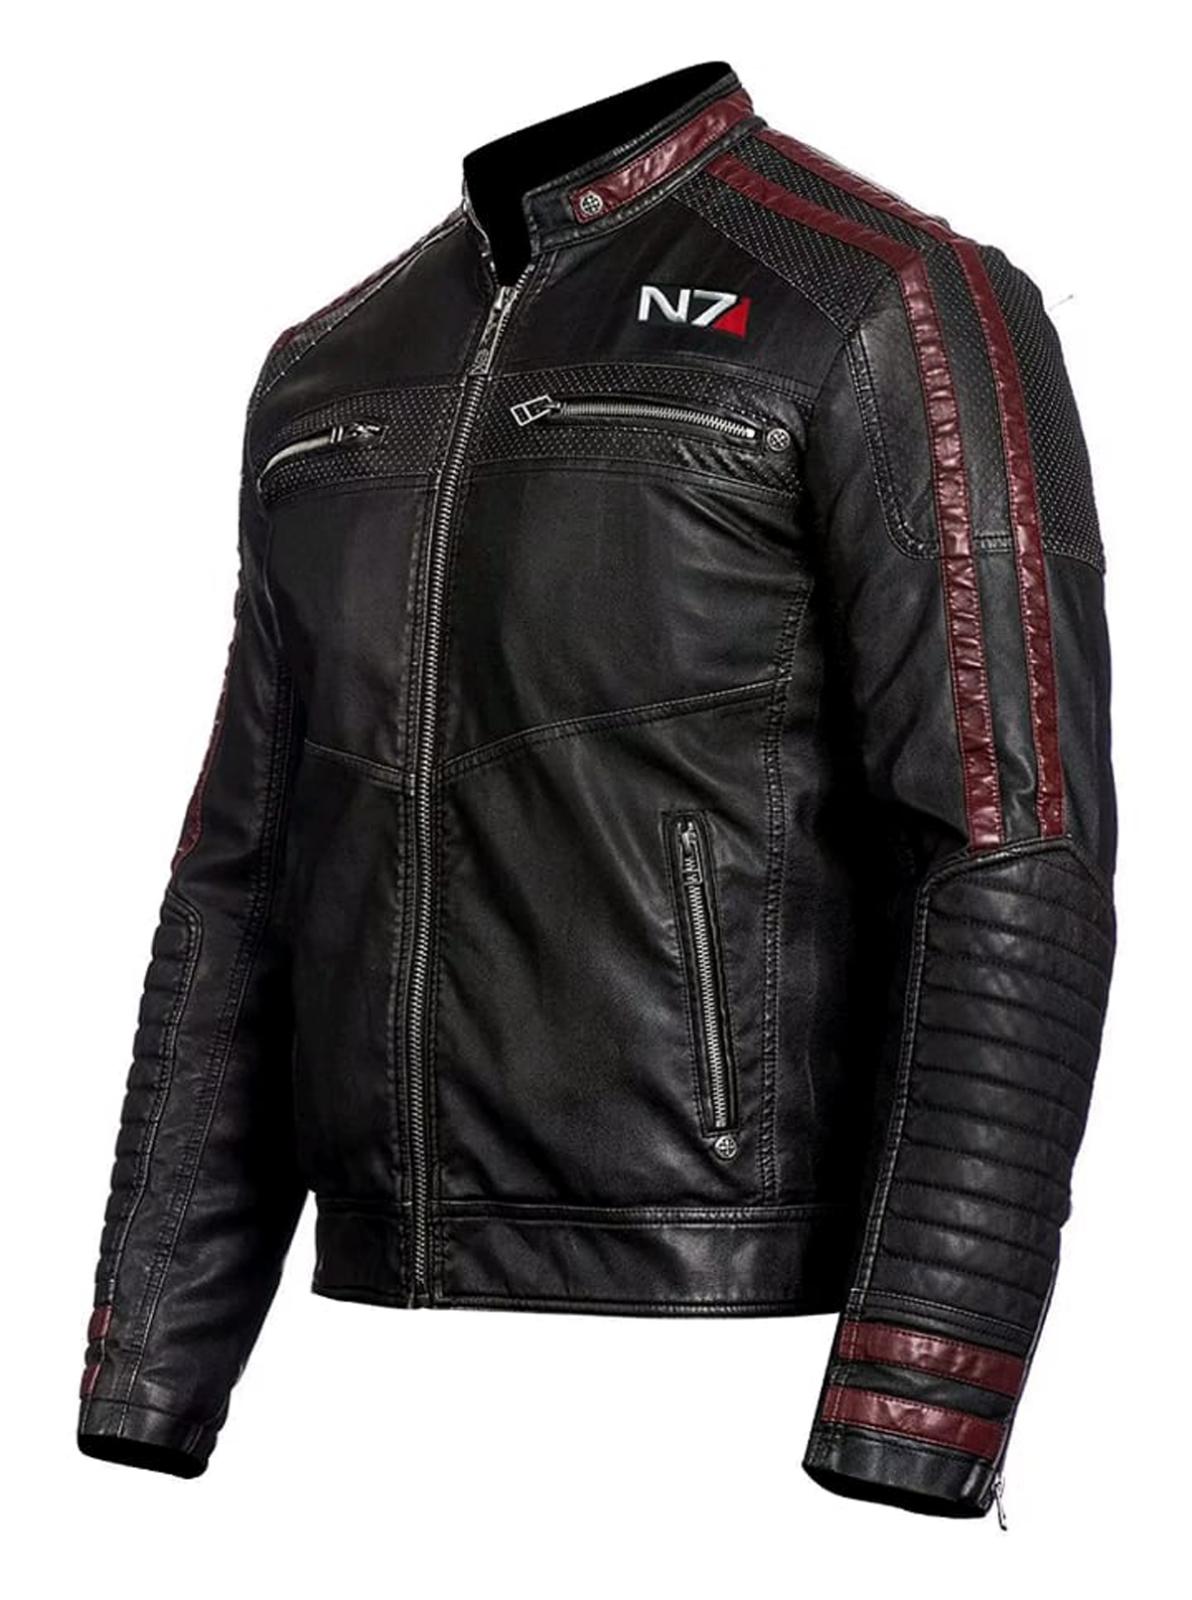 NOVA Cafe Racer Mass Effect N7 Original Leder Motorrad Jacket Jacket Jacket 15c